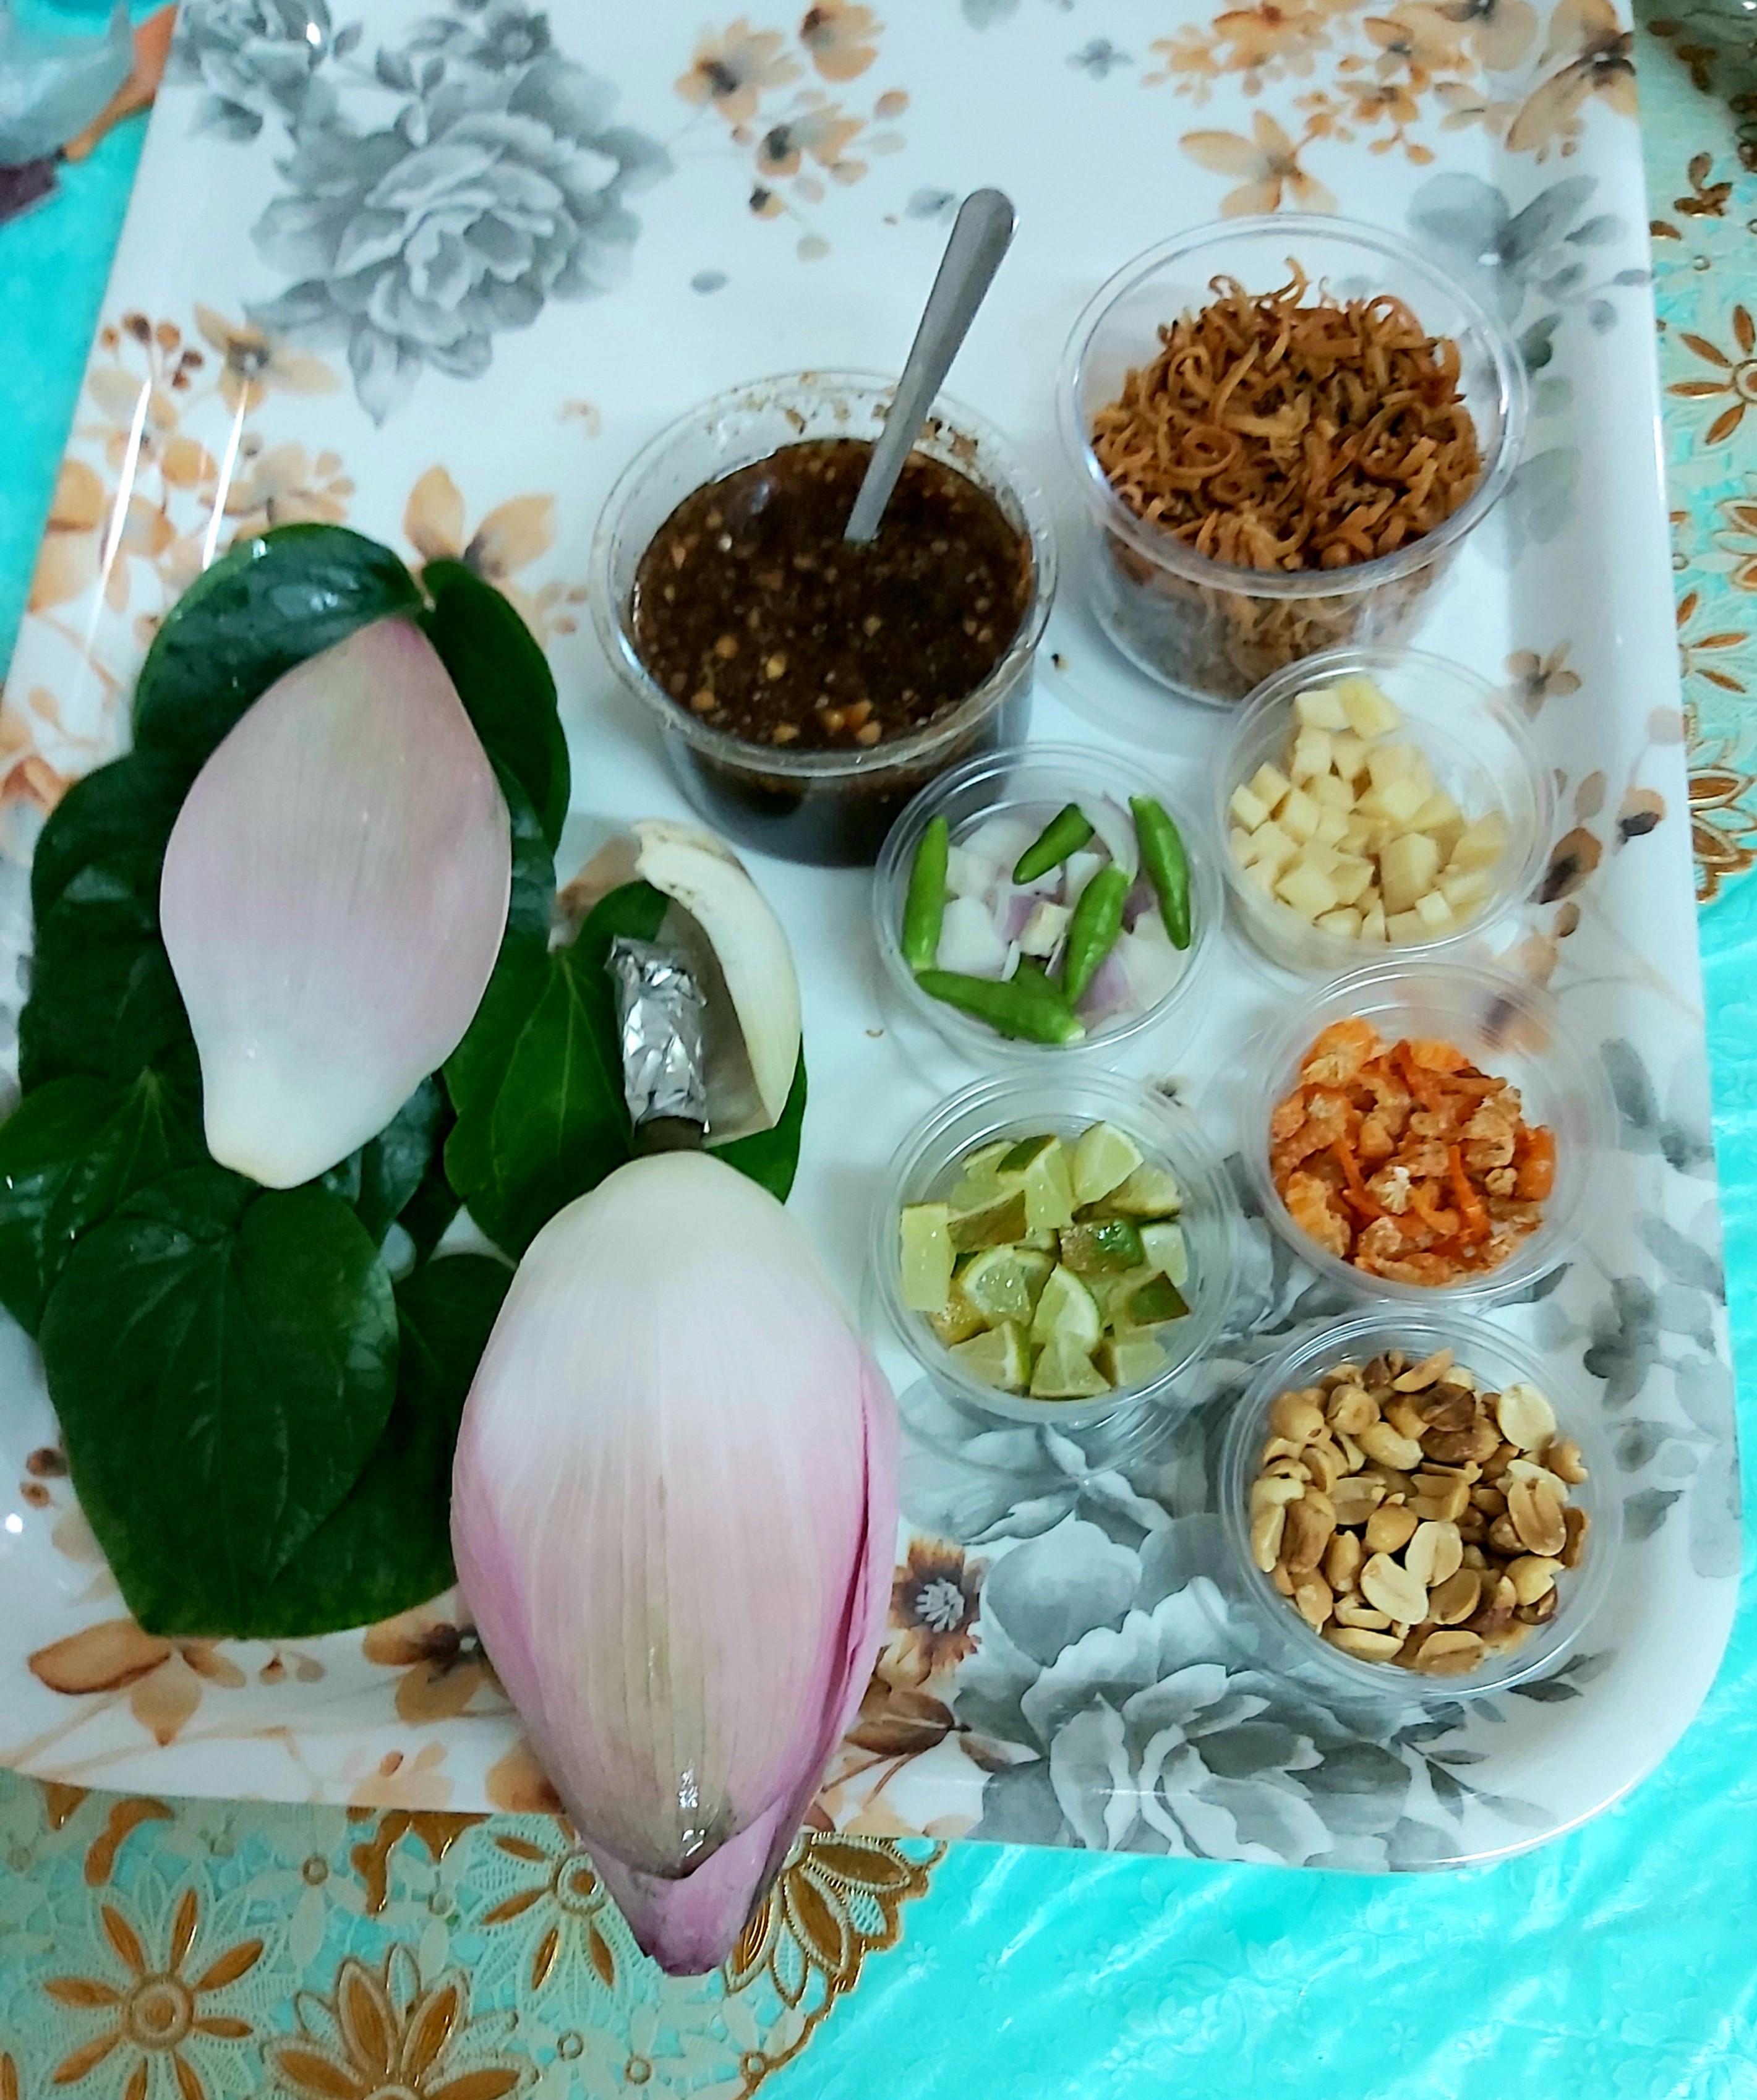 ka valgo tailandieciai